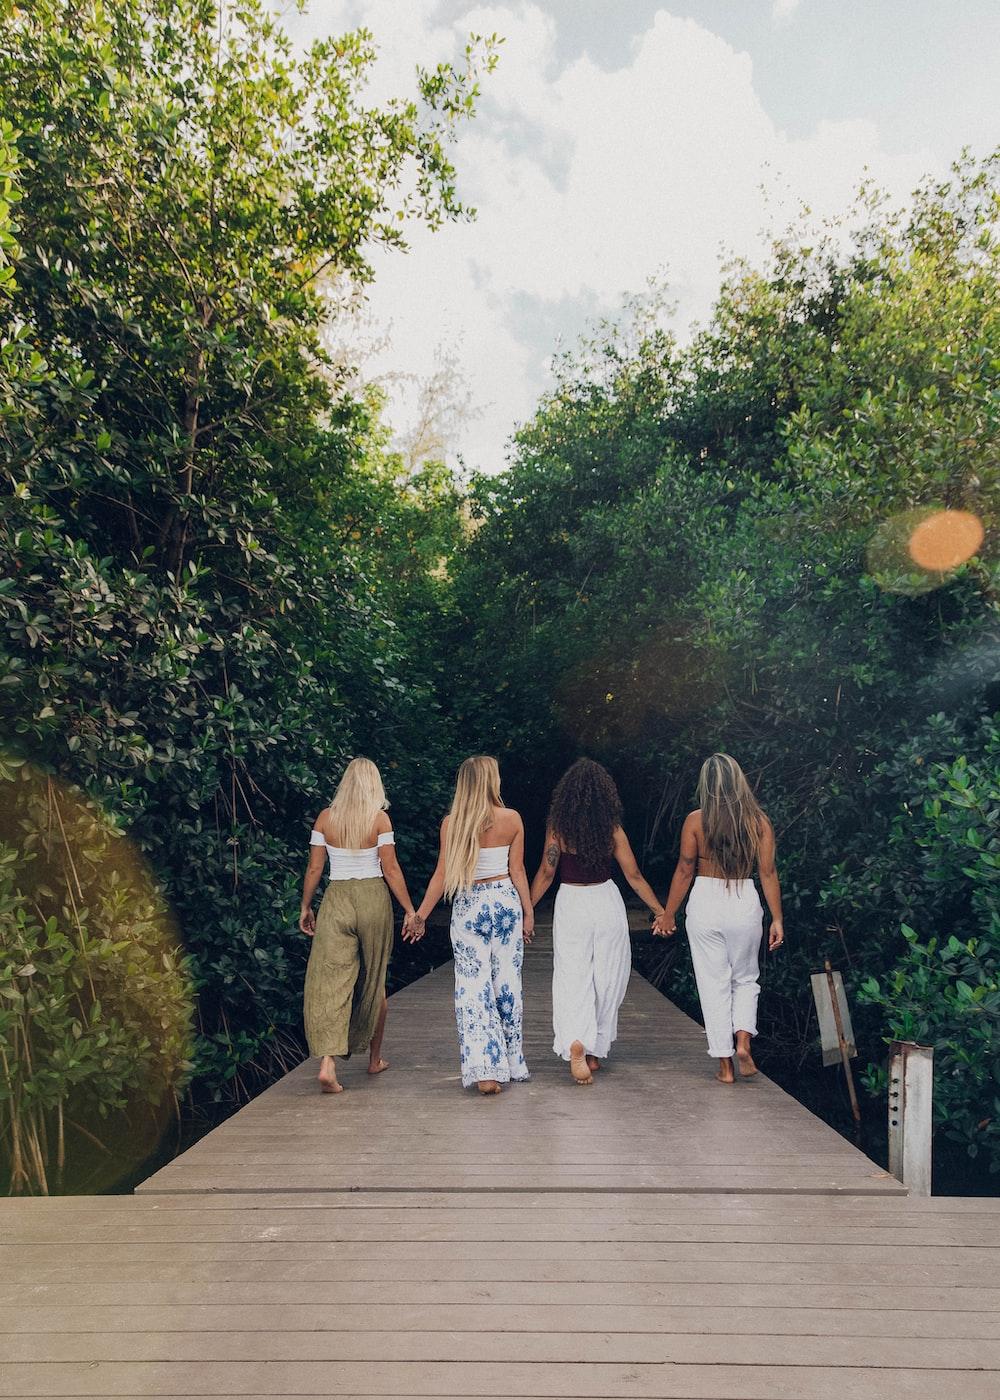 3 women standing on wooden bridge